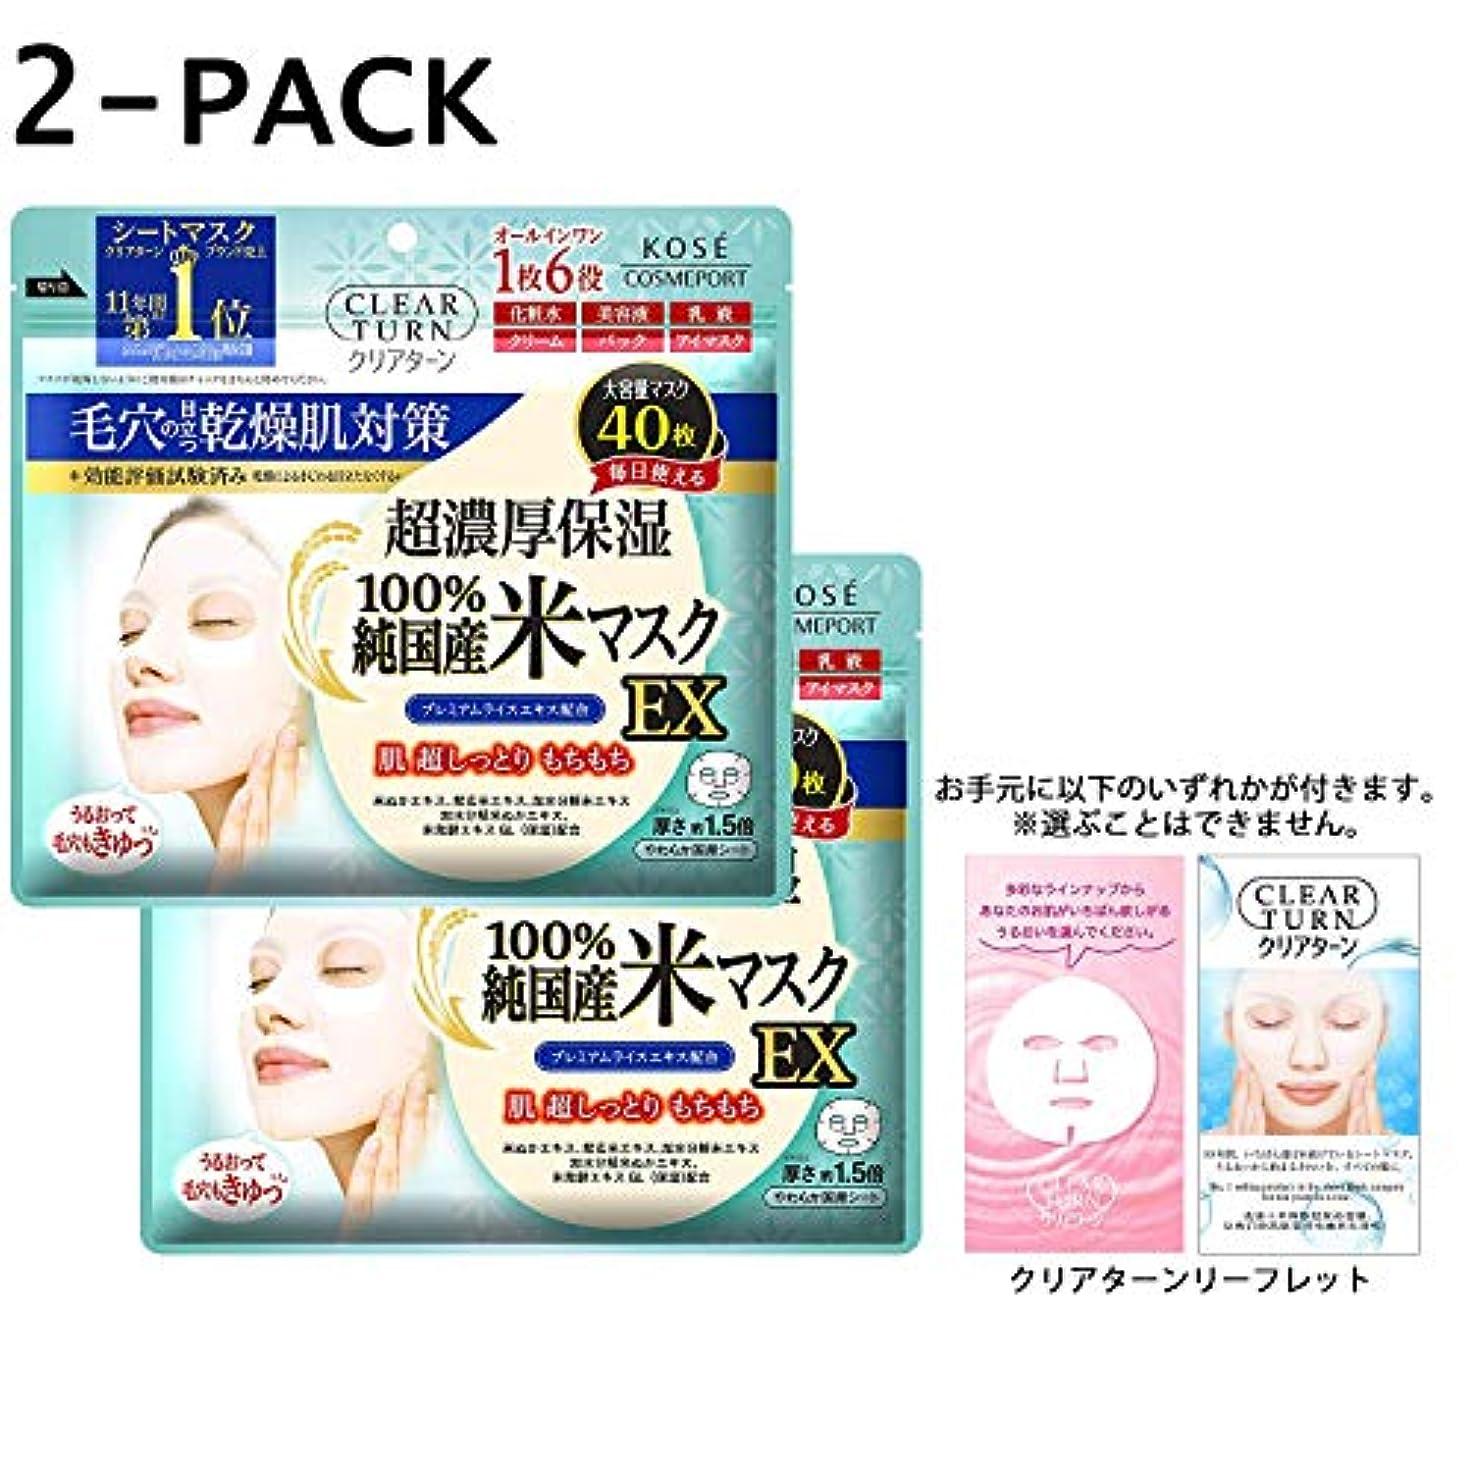 強要手入れバズ【Amazon.co.jp限定】KOSE クリアターン 純国産米マスク EX 40枚入 2P+リーフレット付き